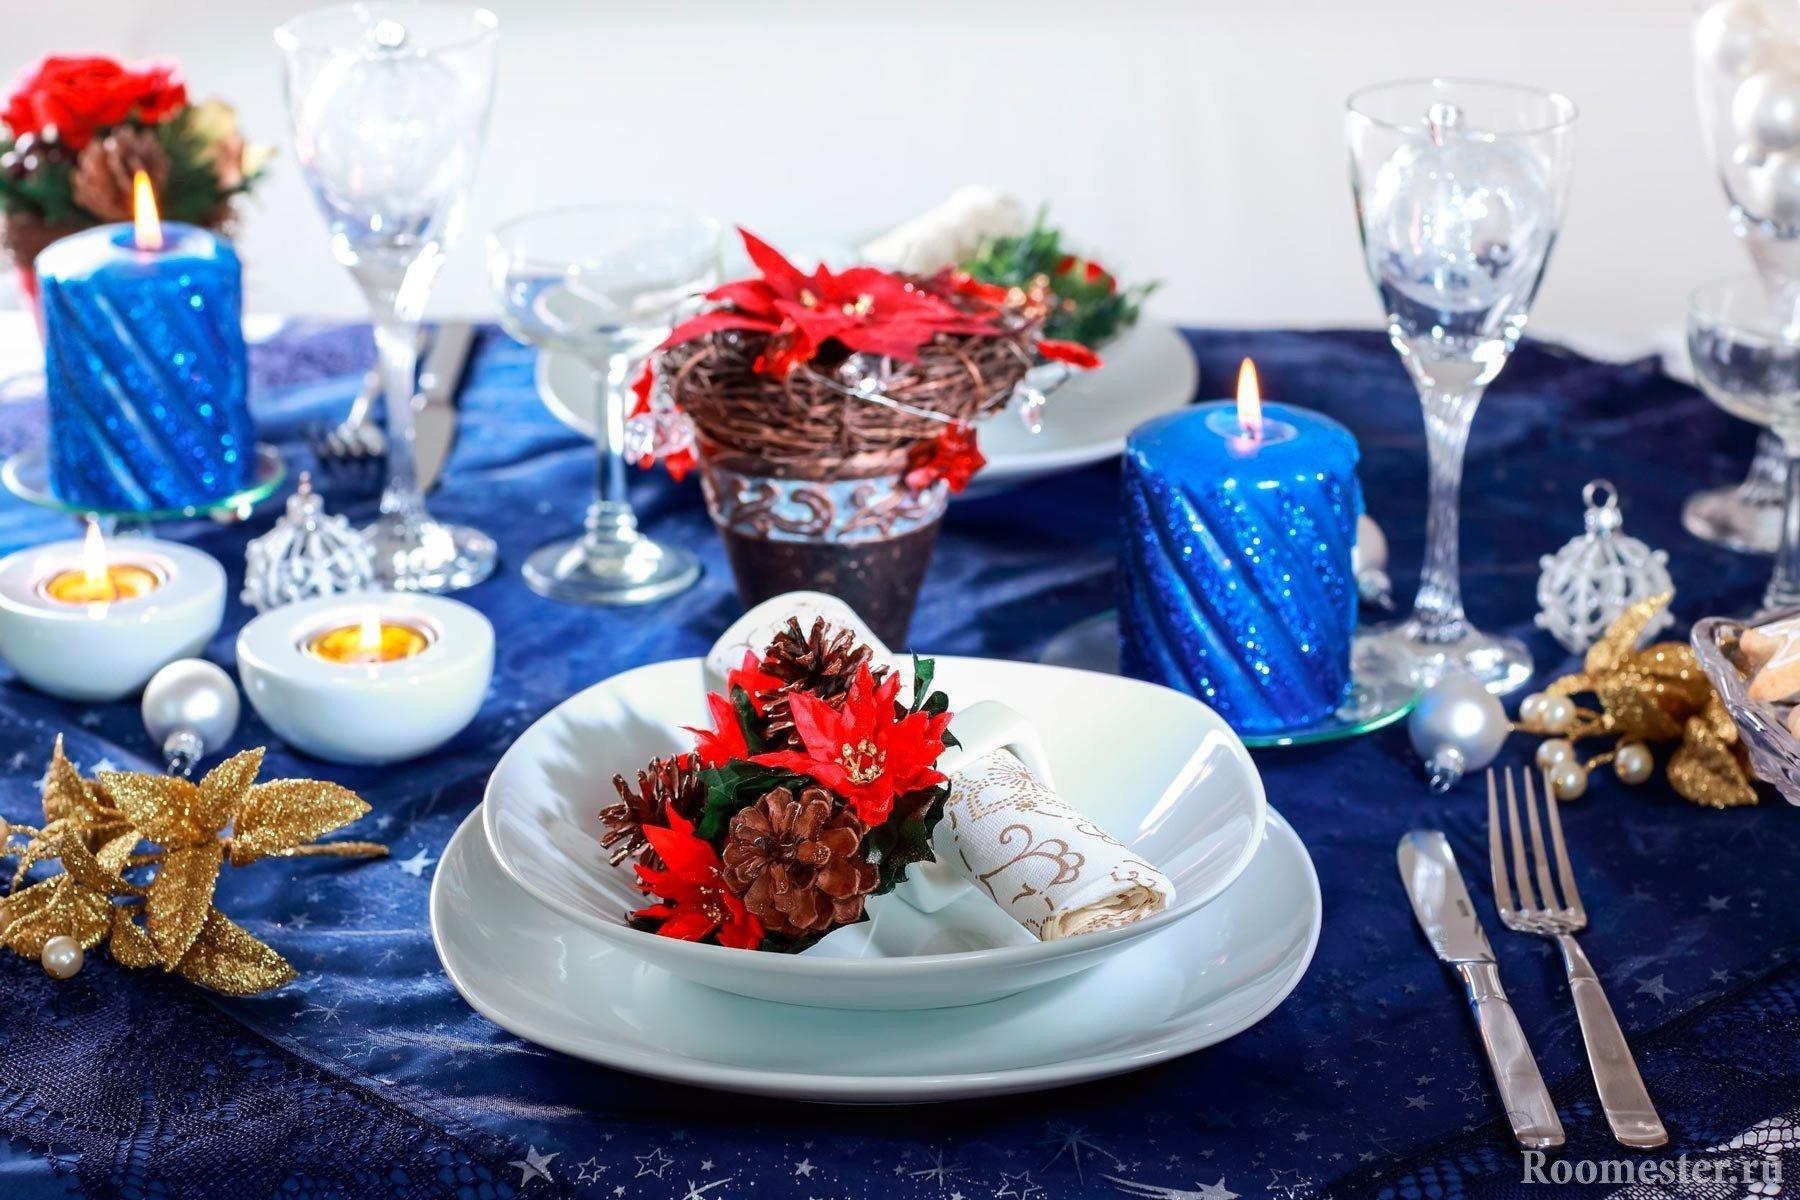 Синяя скатерть на праздничном новогоднем столе